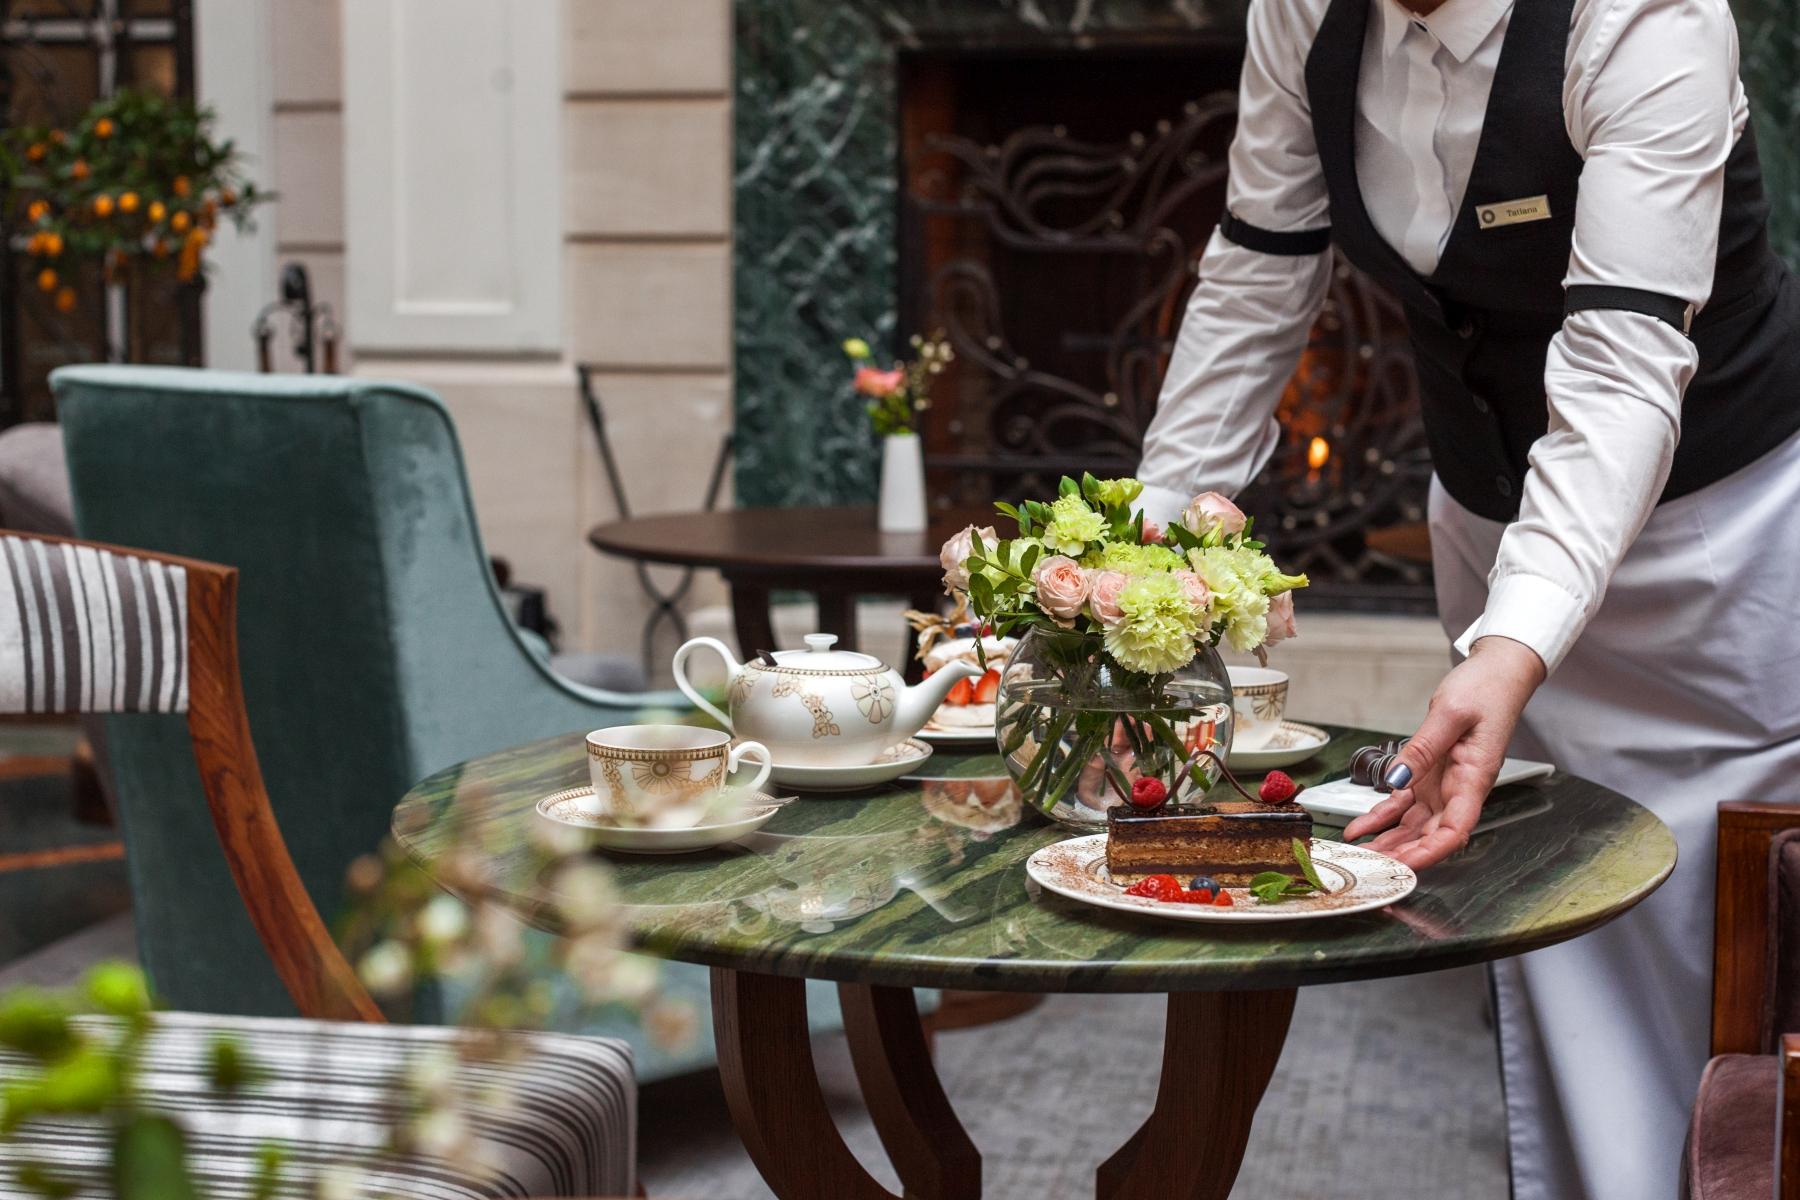 Праздник вкуса: коллекция тортов  кондитерской Гранд Отеля Европа отмечает 30-летие